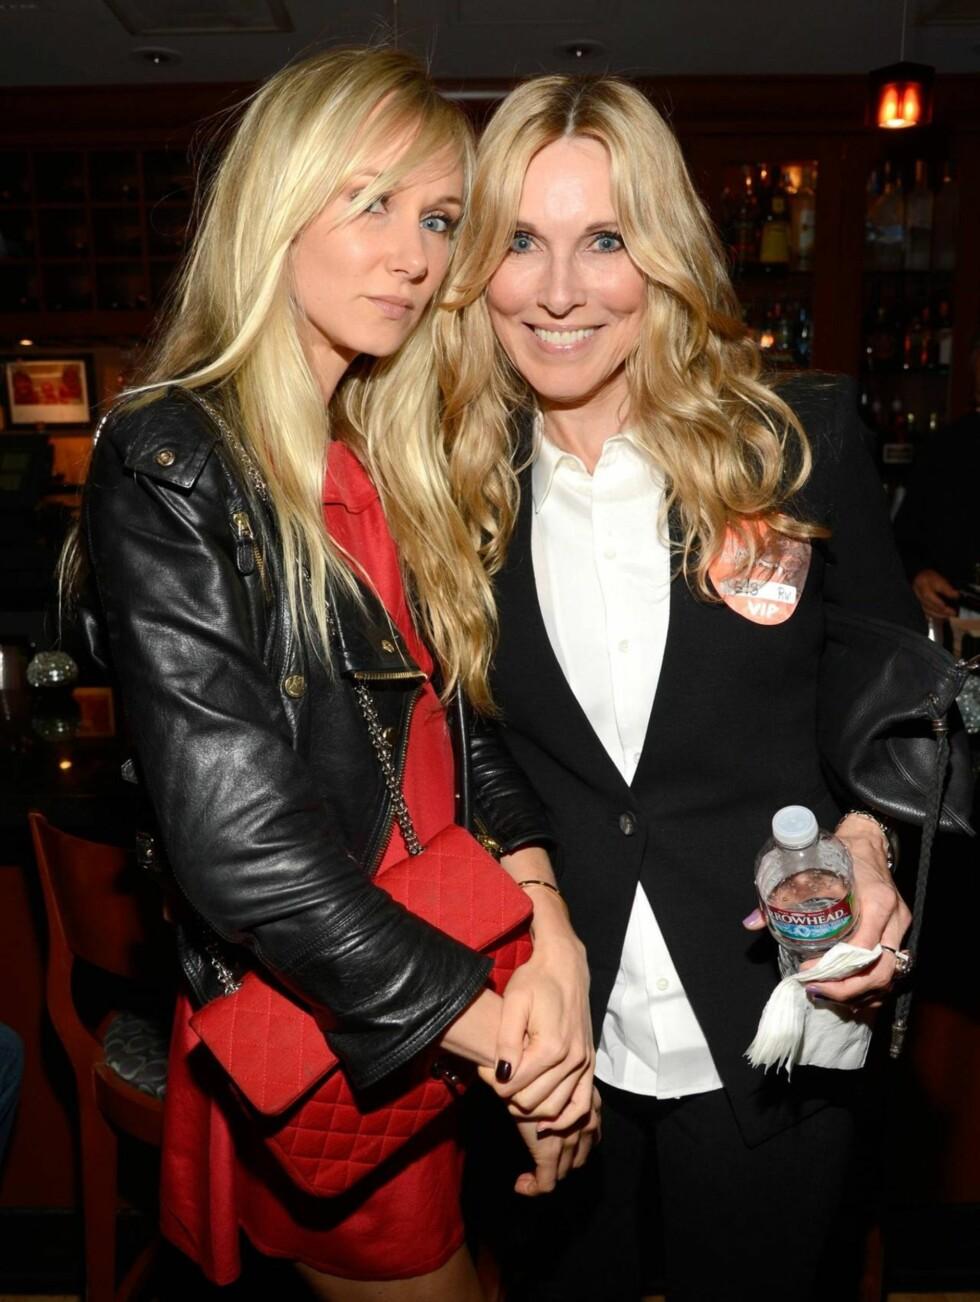 MOR OG DATTER: Kimberly Stewart og moren Alana Stewart koste seg backstage etter konserten.  Foto: All Over Press